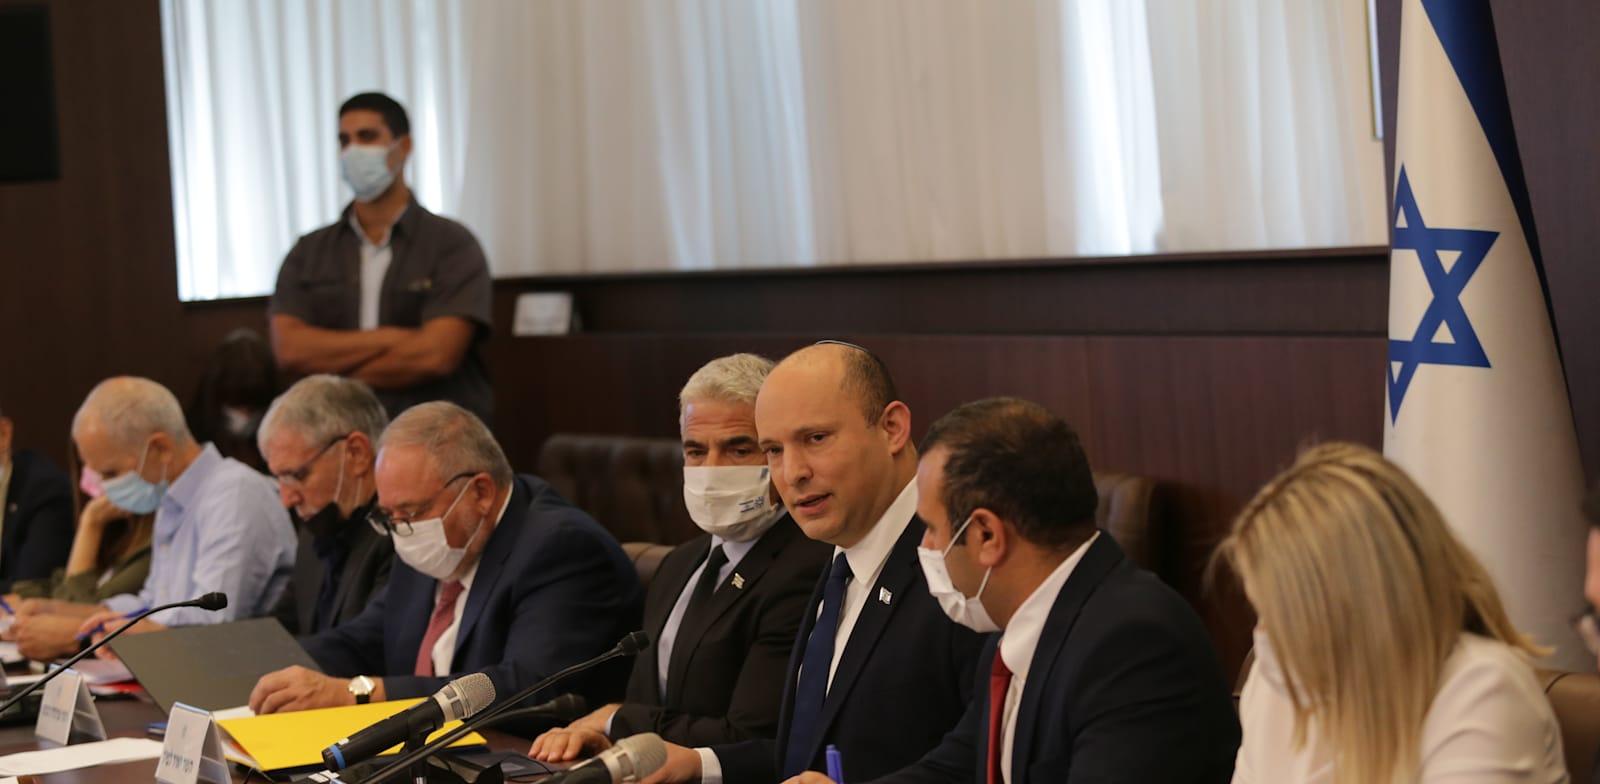 ישיבת ממשלה שבועית בראשות נפתלי בנט / צילום: אלכס קולומויסקי-ידיעות אחרונות